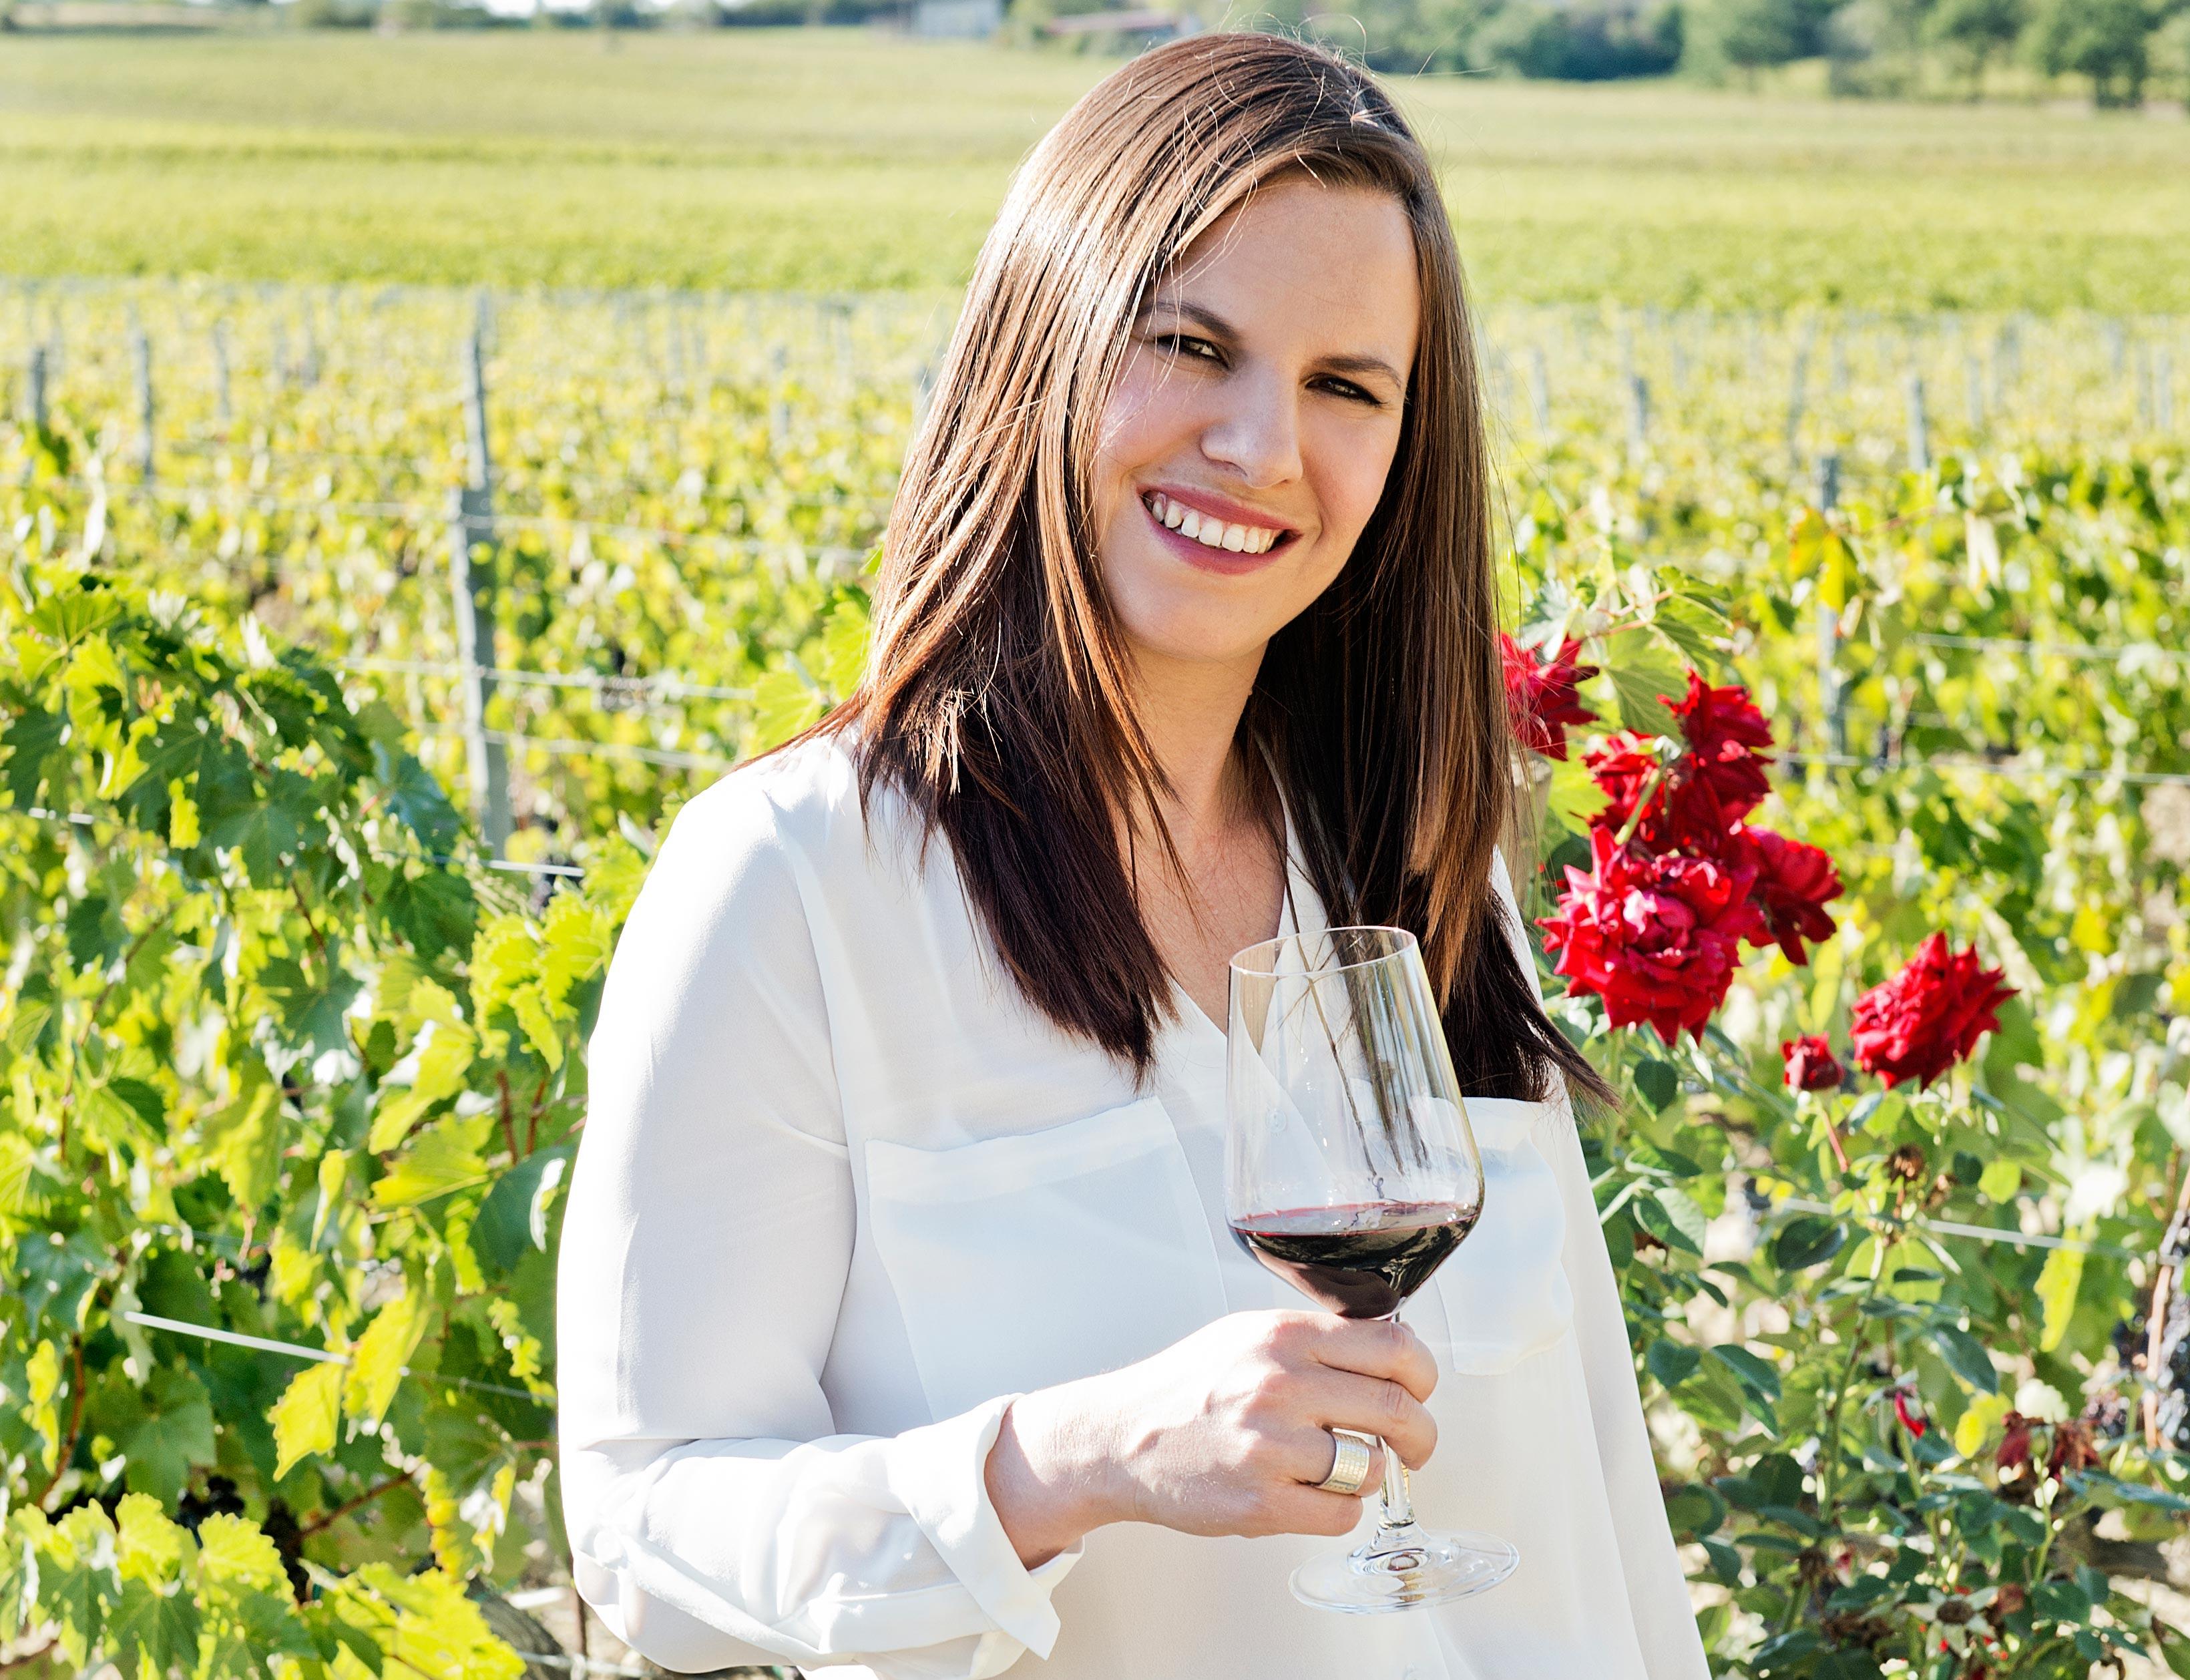 Photo of Caterina Sacchet enologa figlia d'arte ottiene grandi successi personali